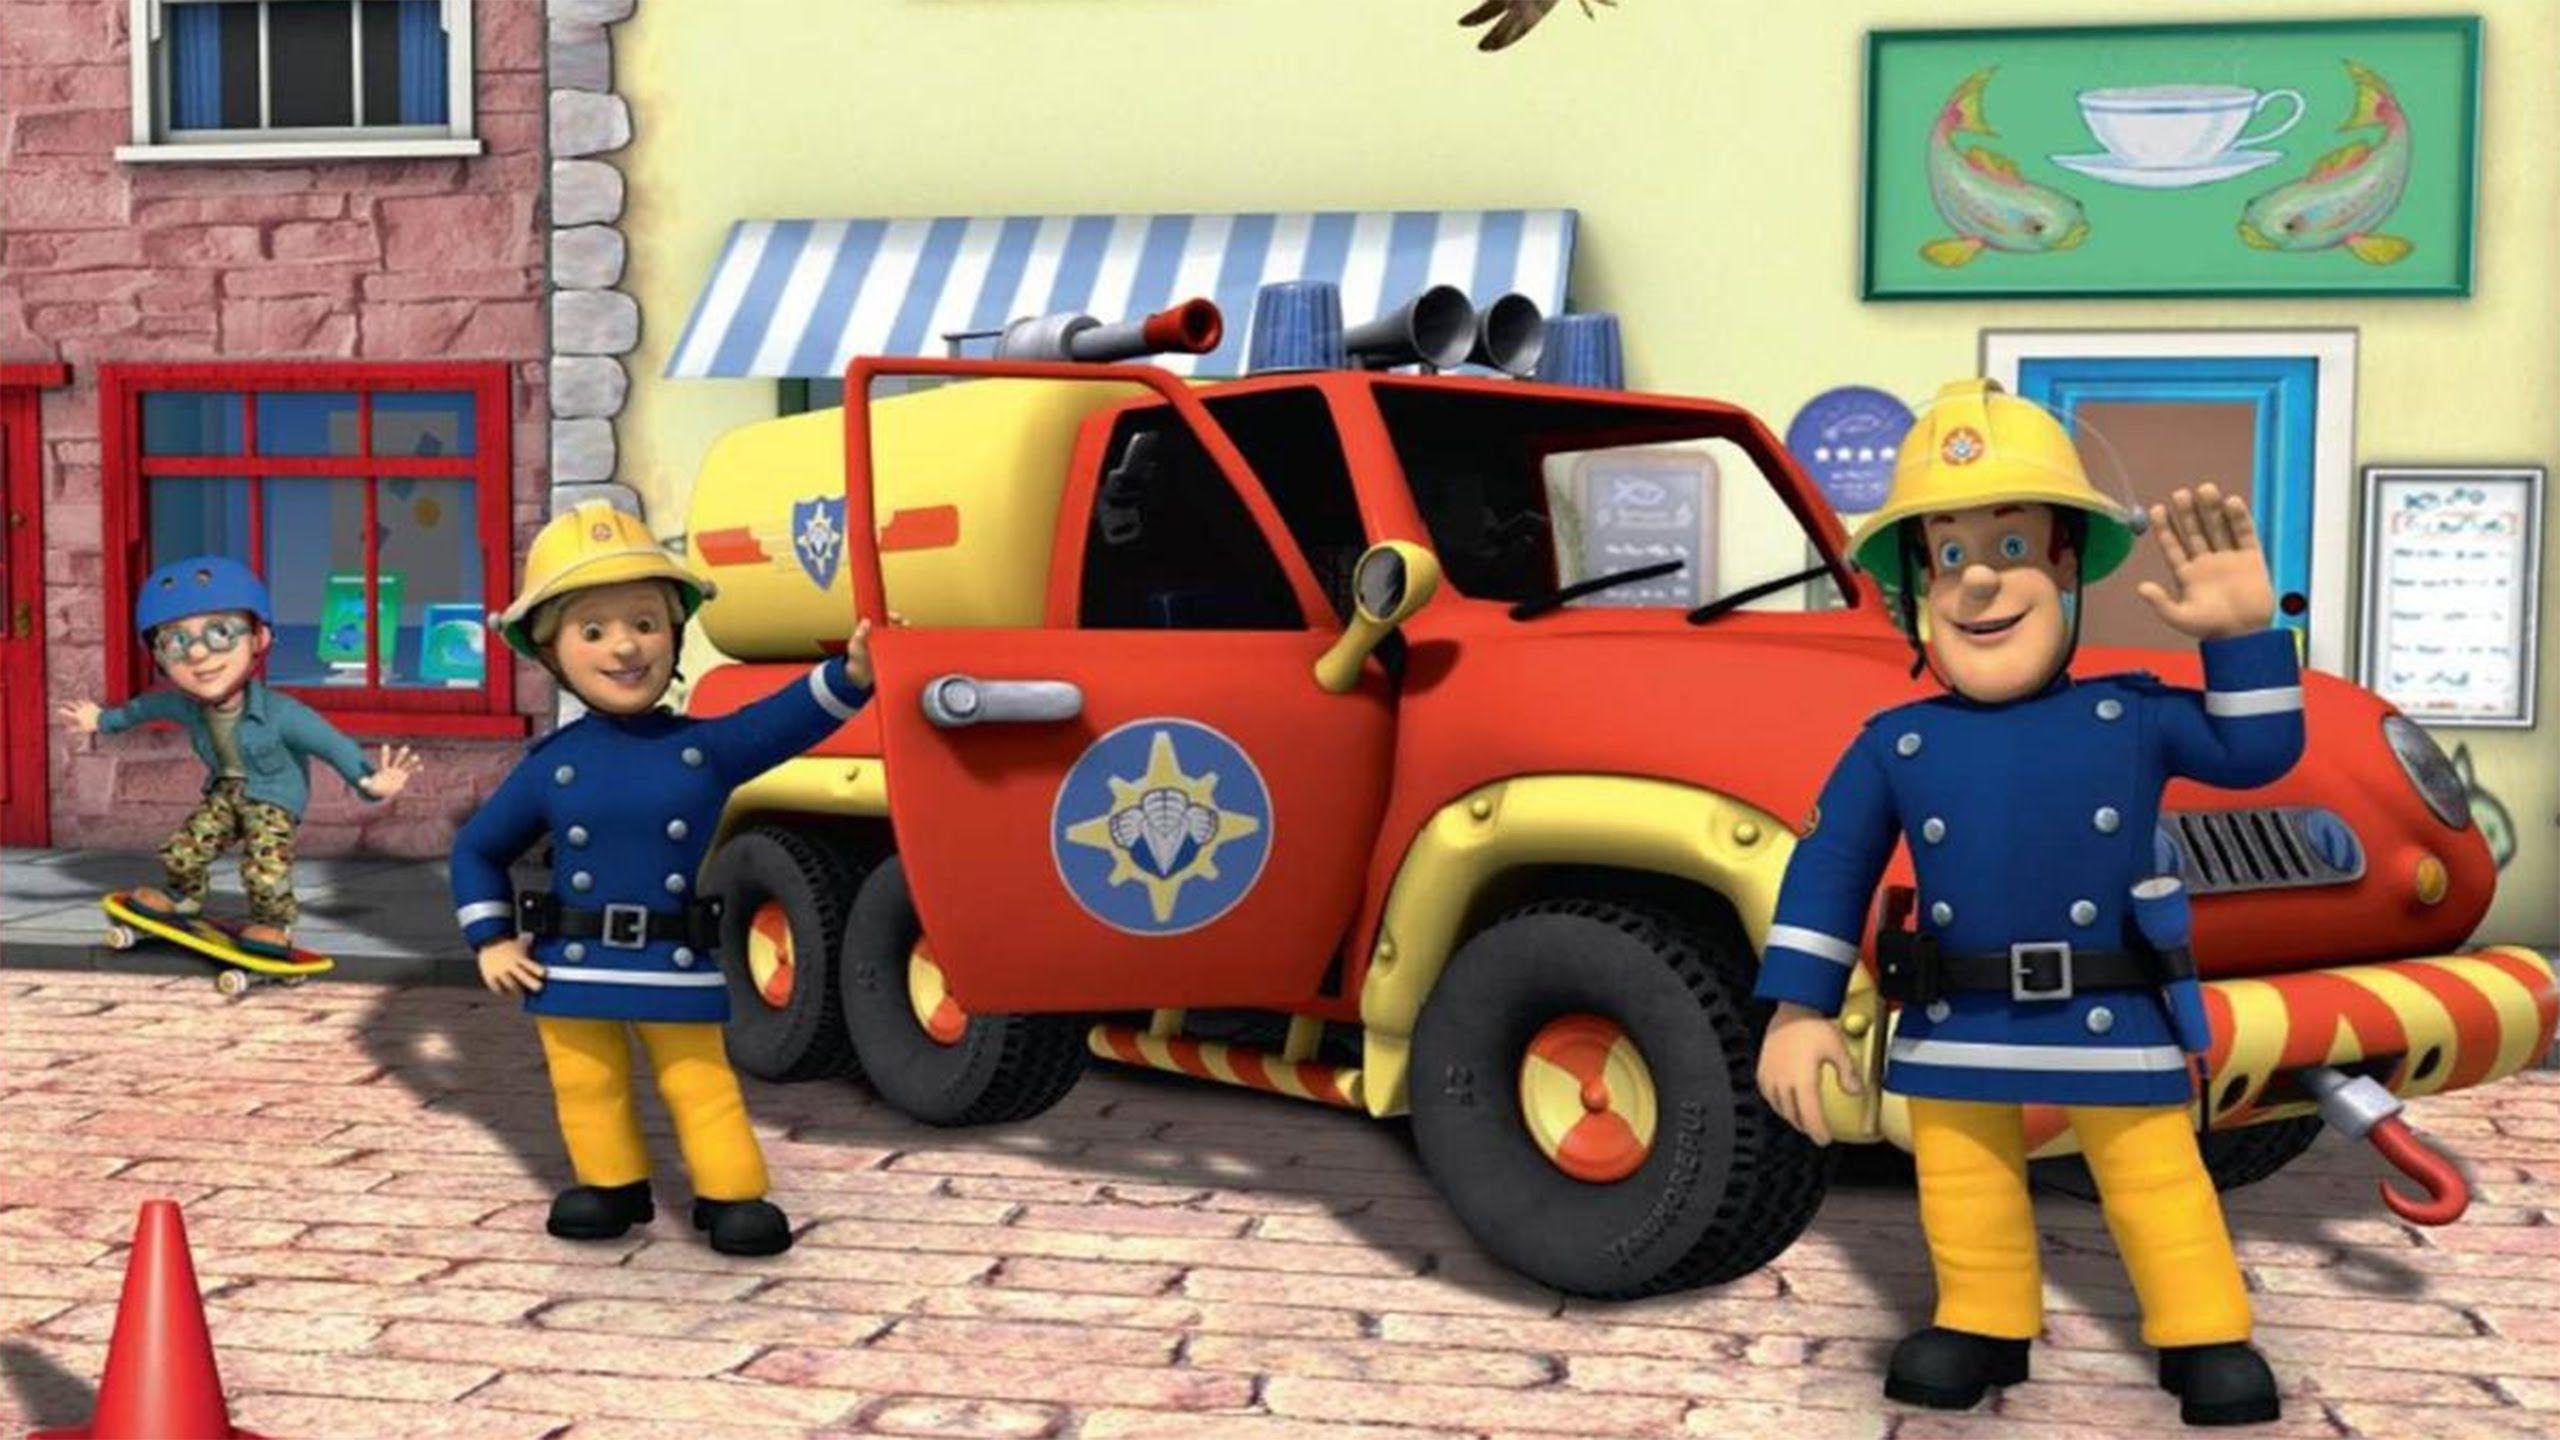 Sam le pompier film complet en francais dessin anim nouveaut 2015 s pompiers pinterest - Sam le pompier dessin anime en francais ...